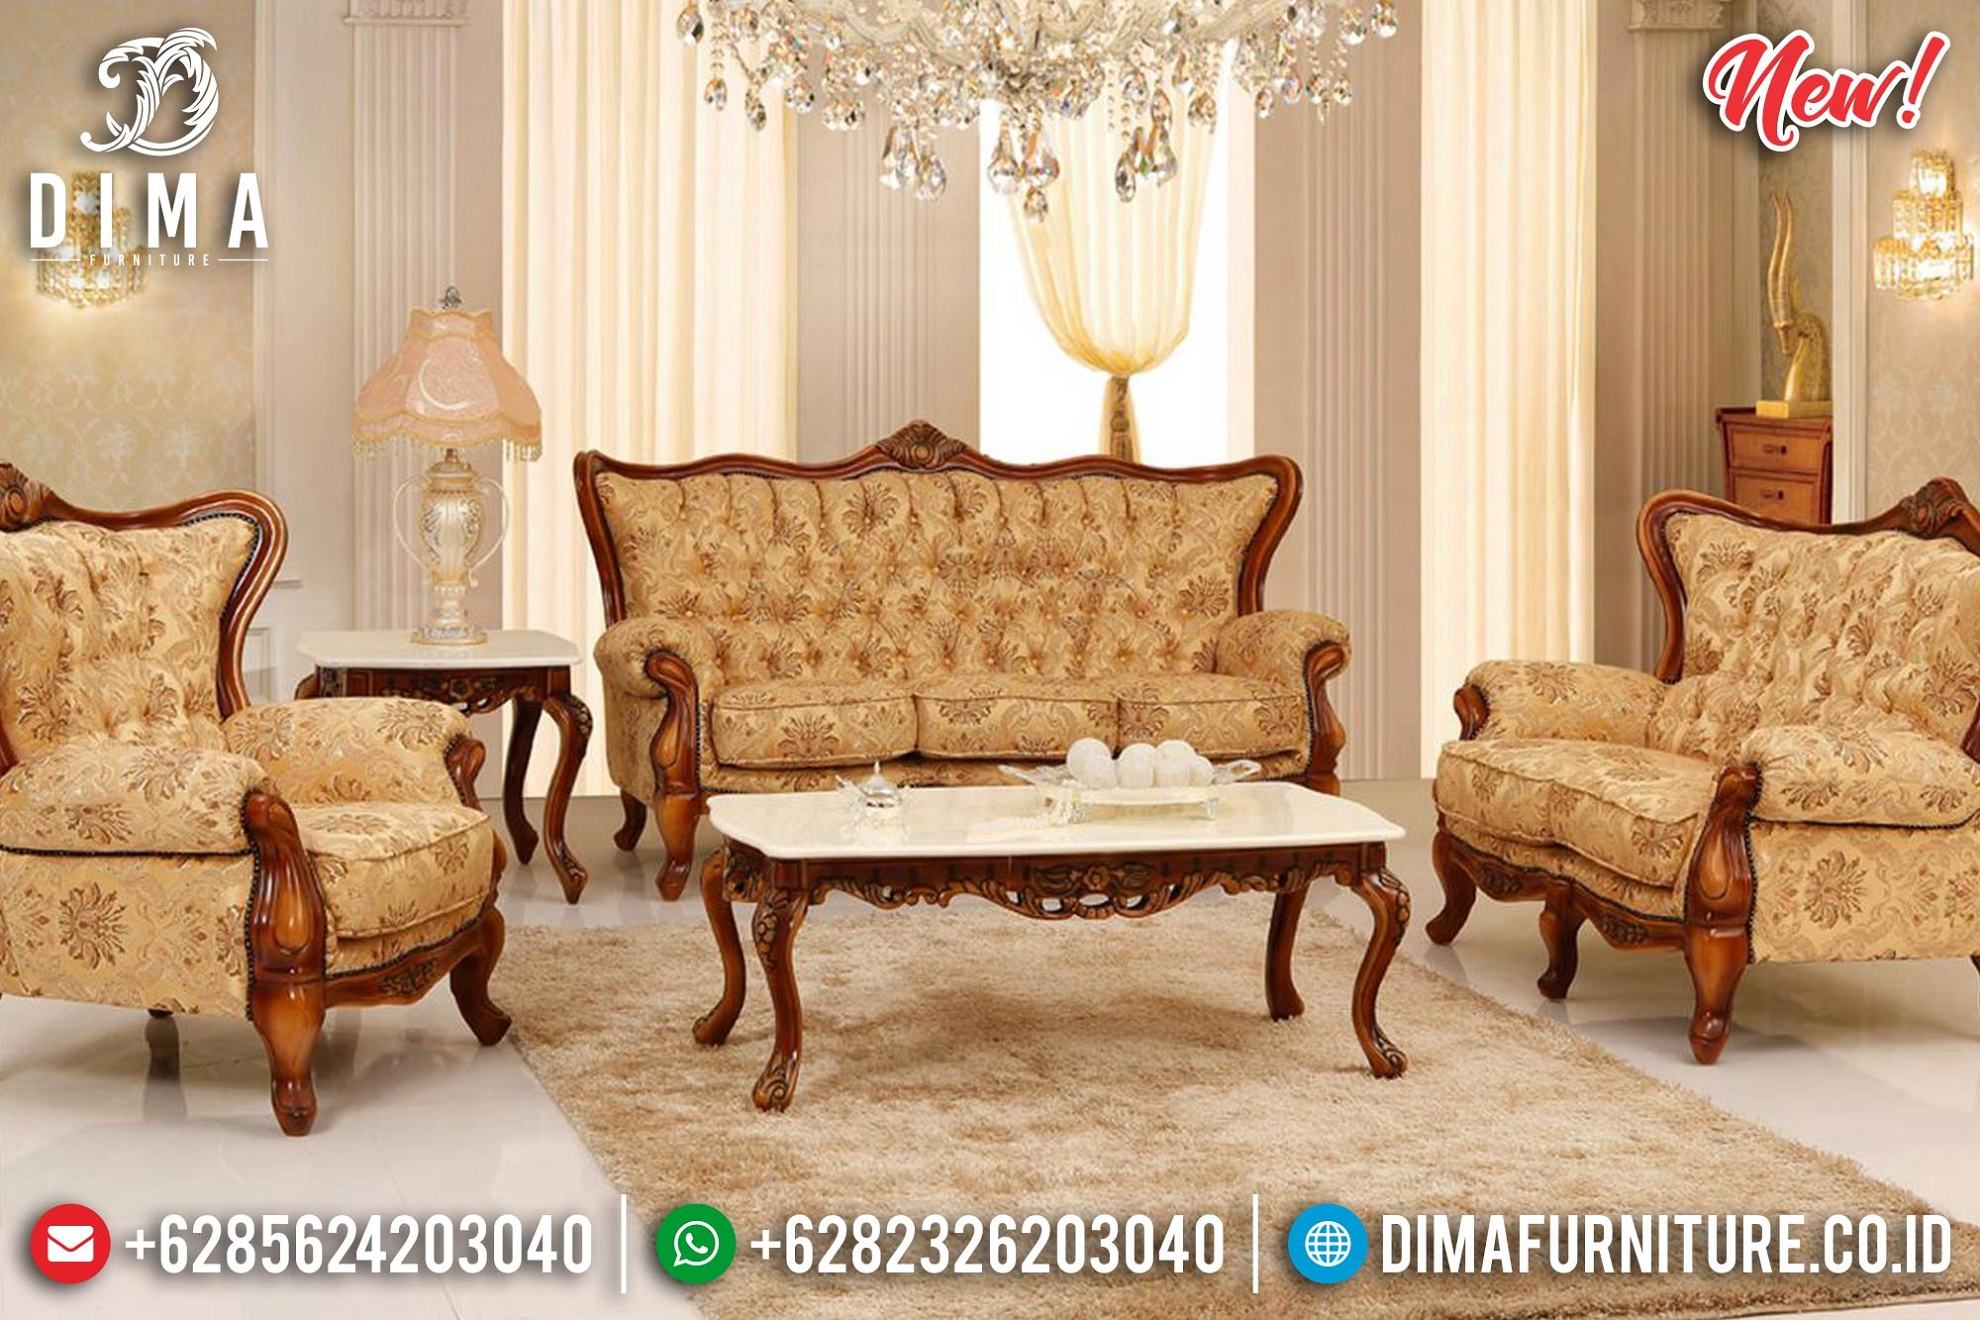 Harga Sofa Tamu Jepara Terbaru Natural Jati Luxury Carving BT-1008